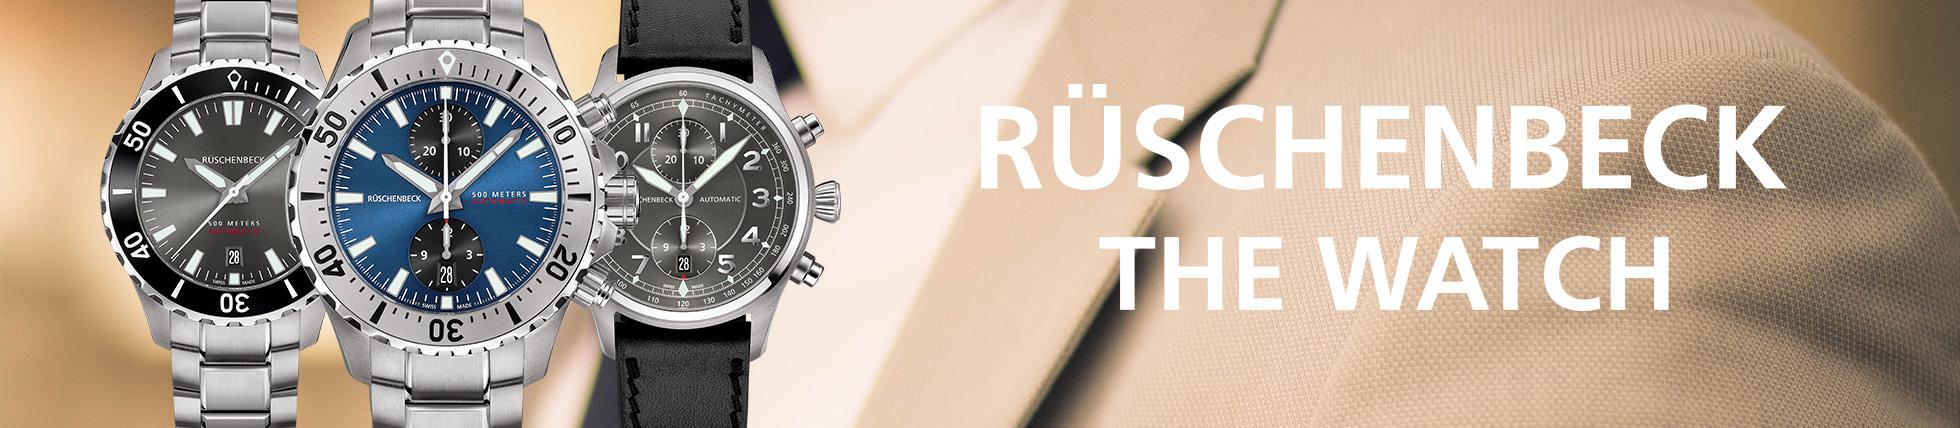 Rüschenbeck - The Watch